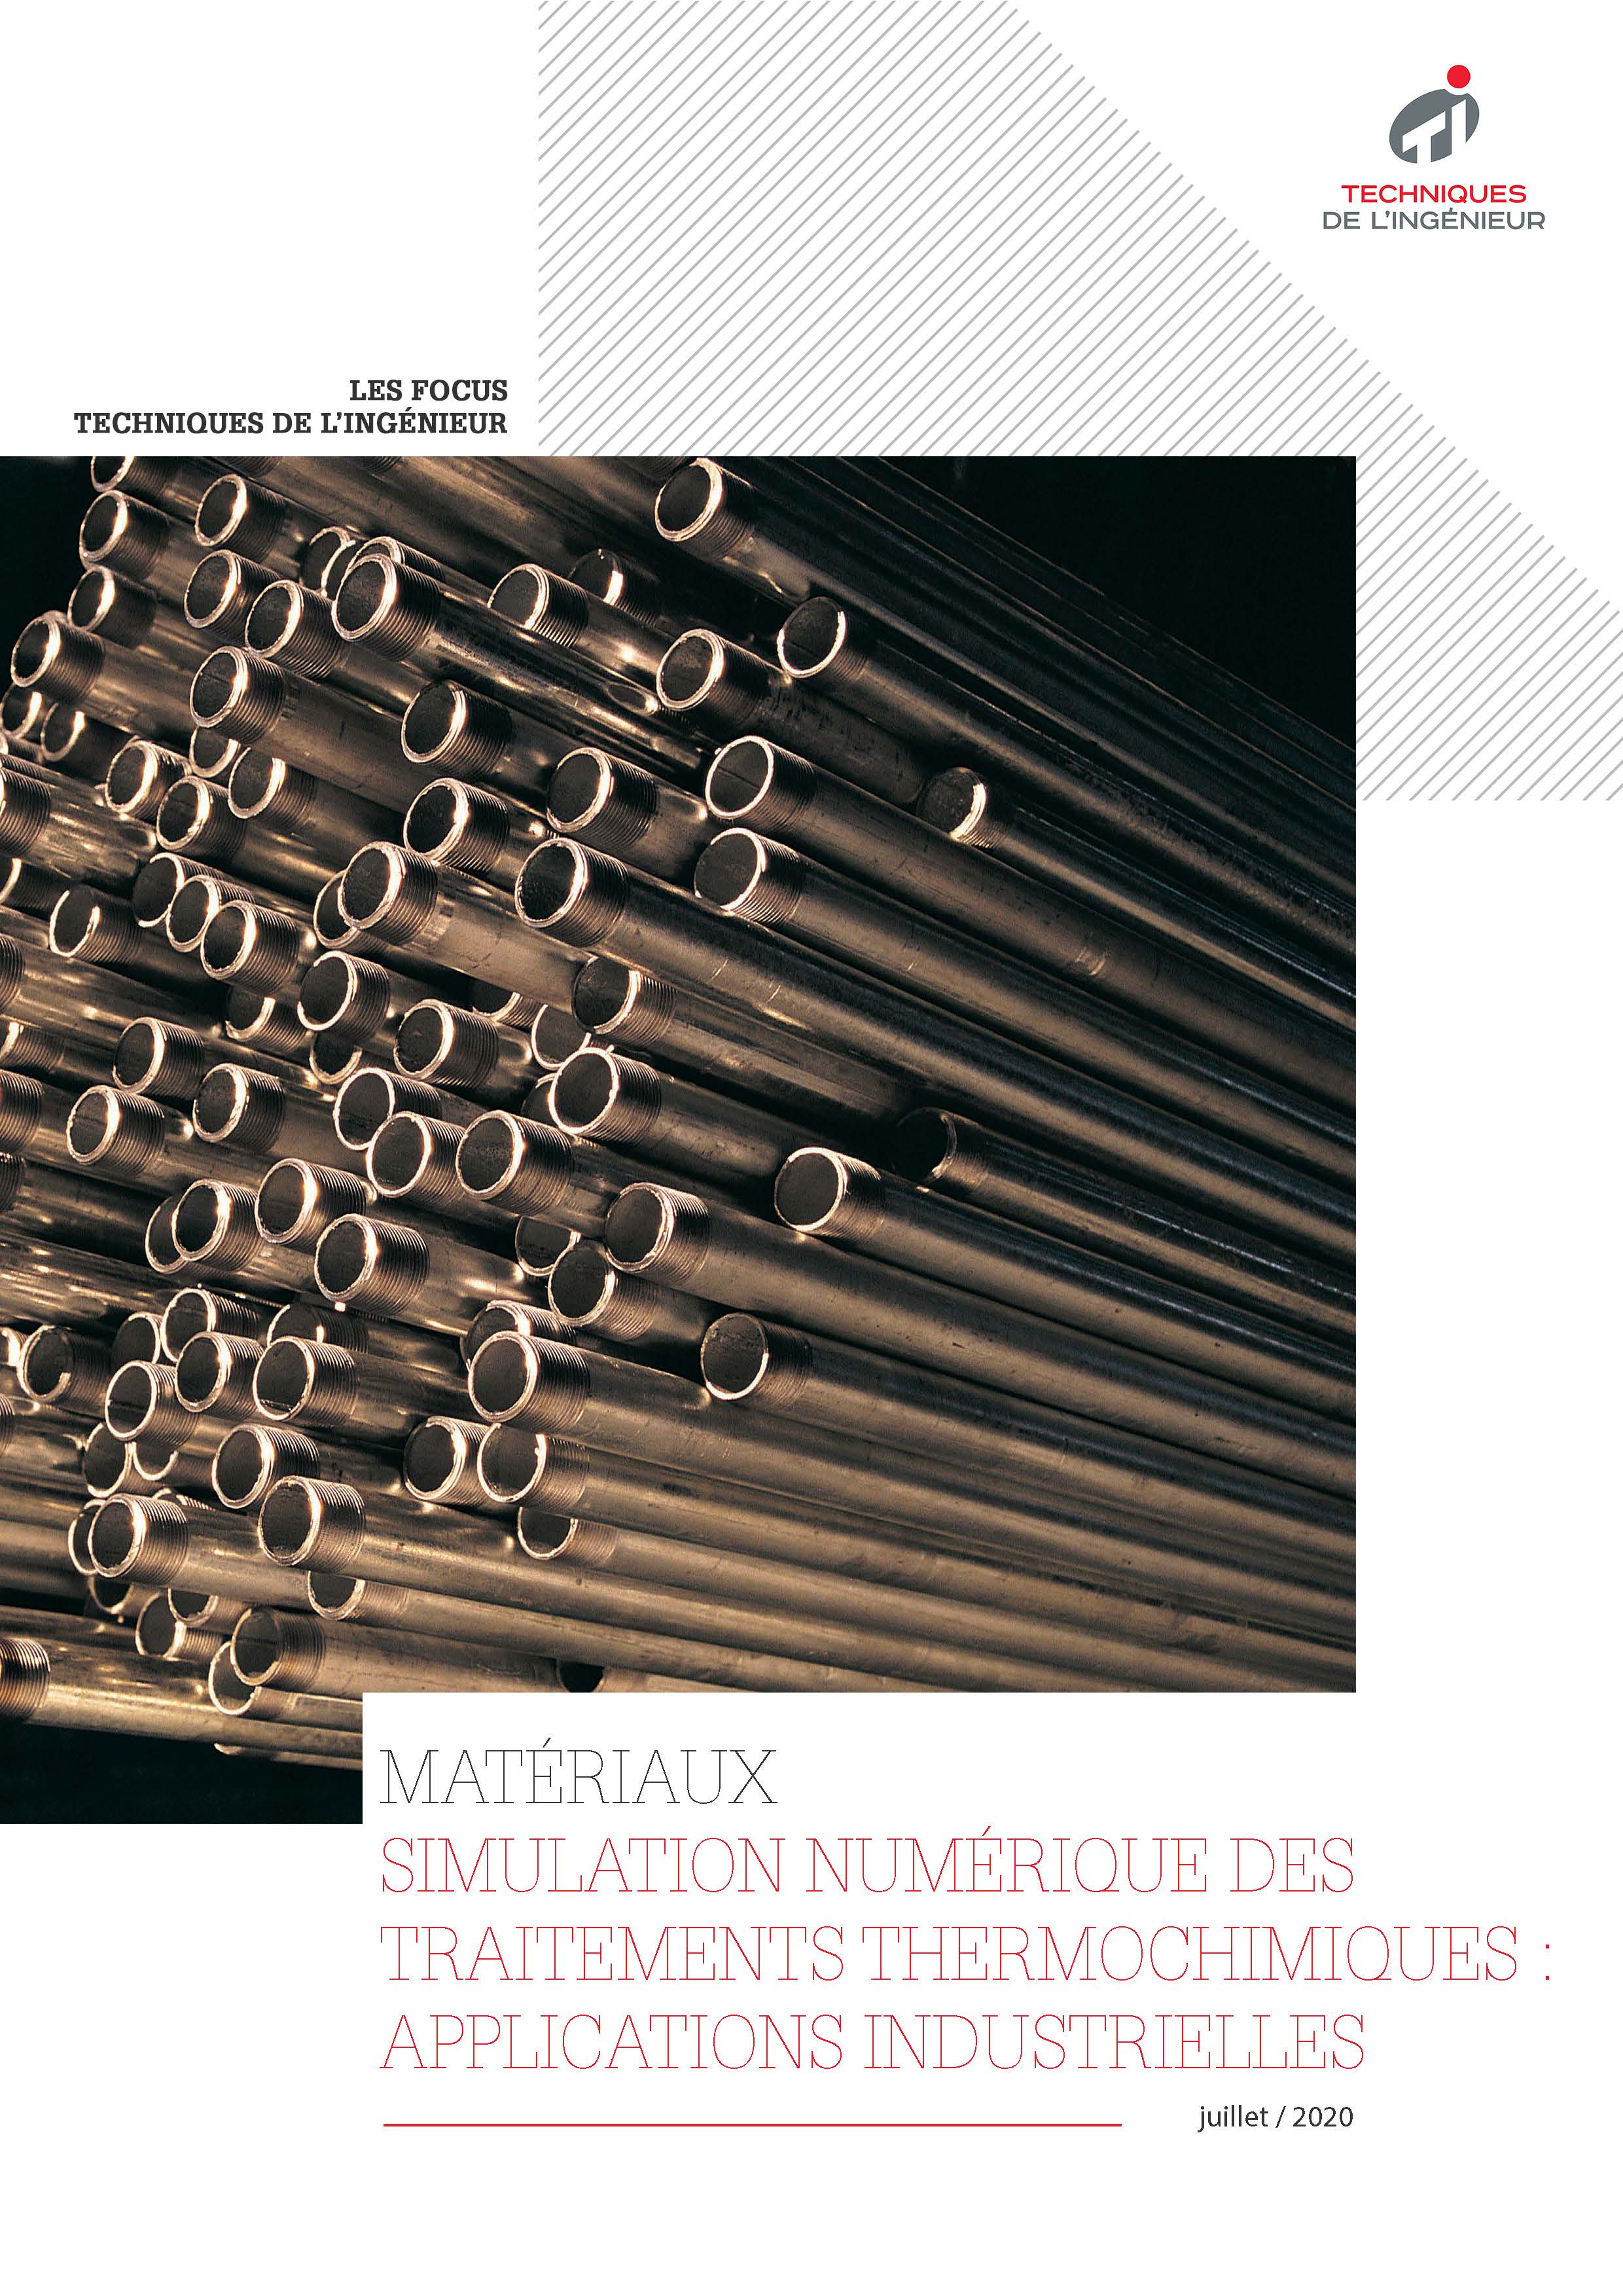 Simulation numérique des traitements thermochimiques : applications industrielles